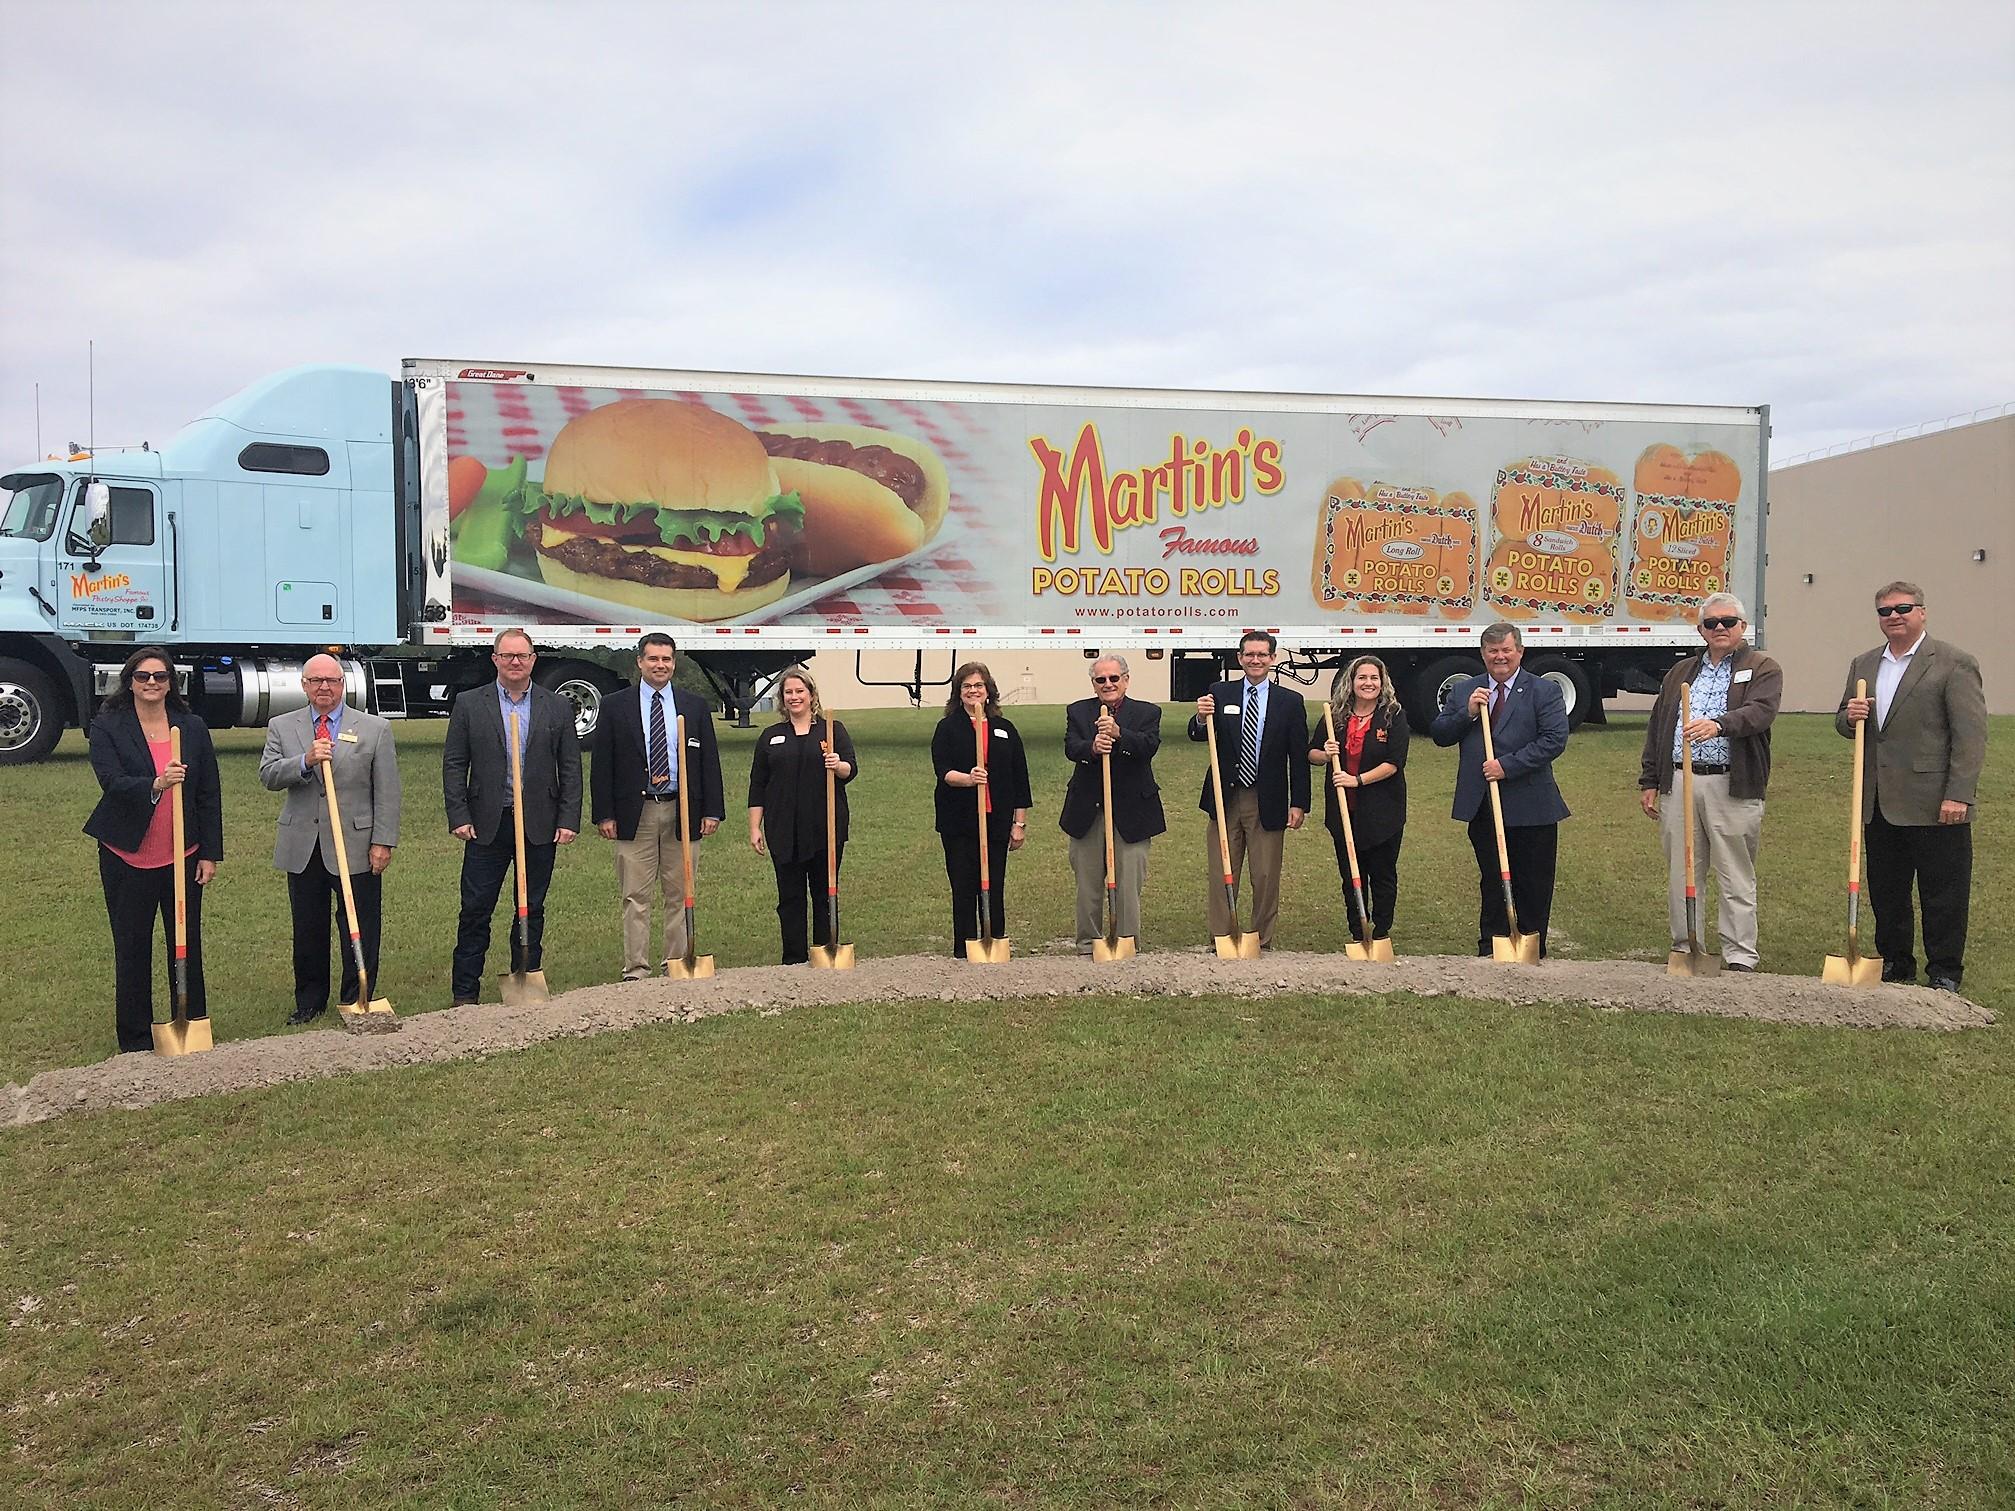 Martin's Announces Expansion At The Valdosta, Georgia Bakery